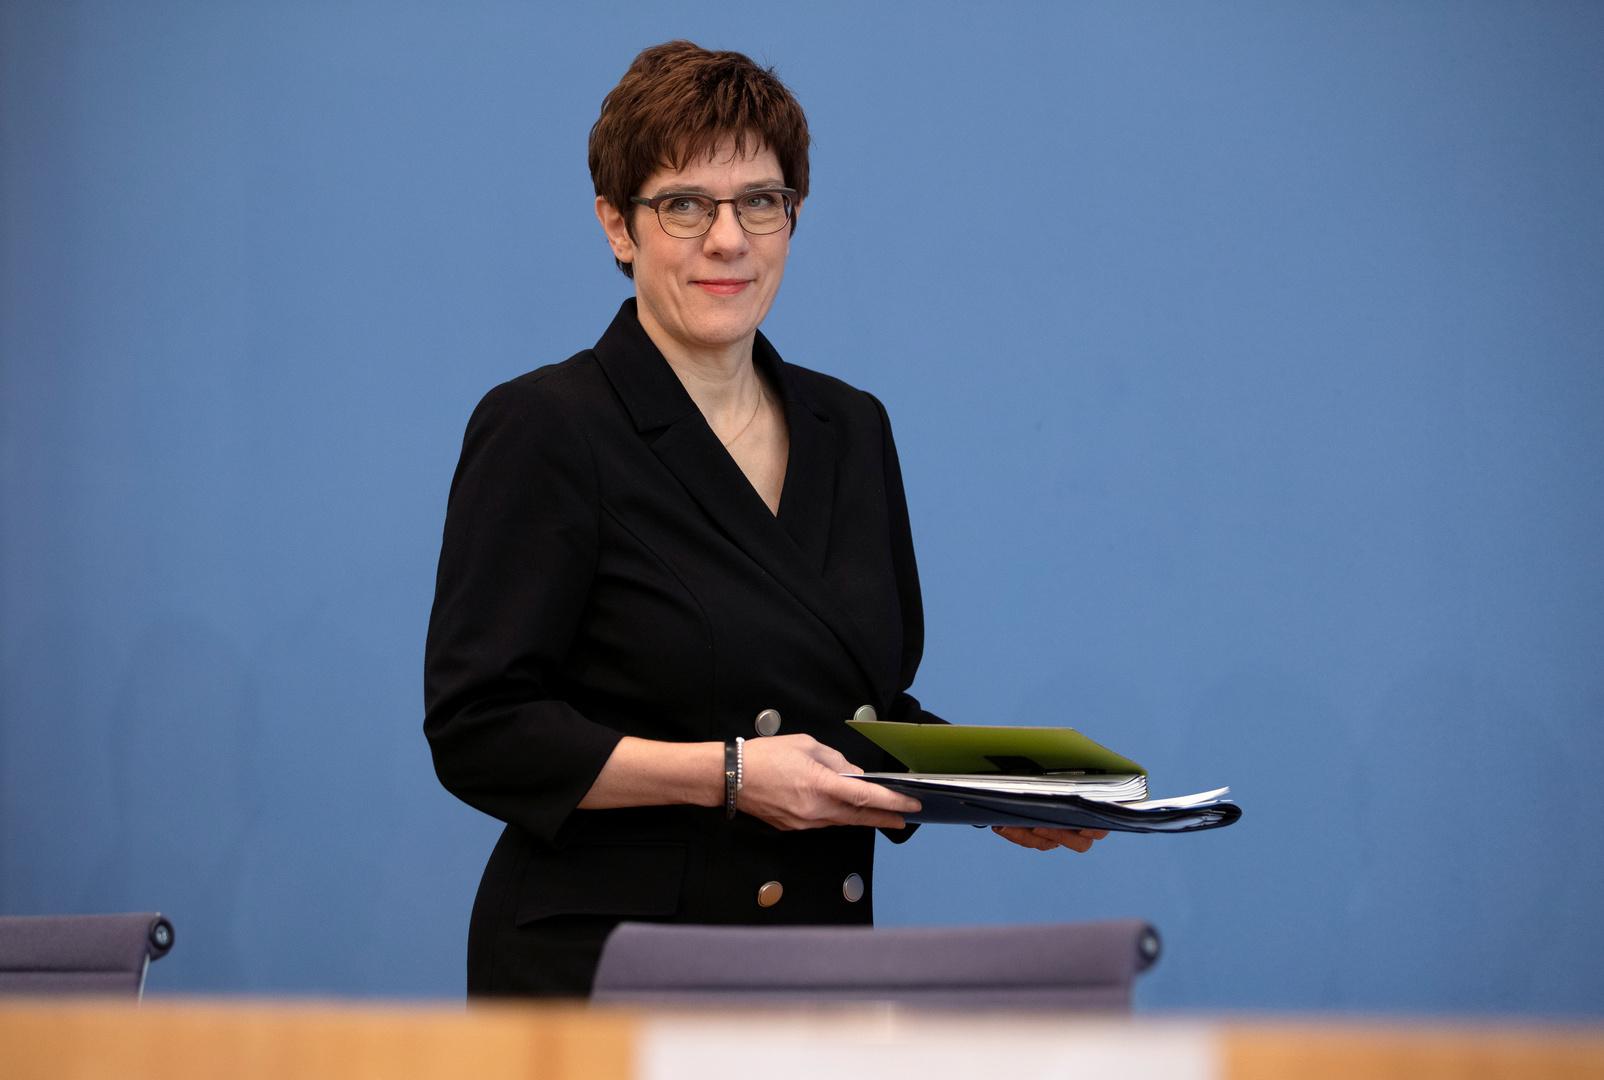 وزيرة الدفاع، أنيغريت كرامب كارينباور